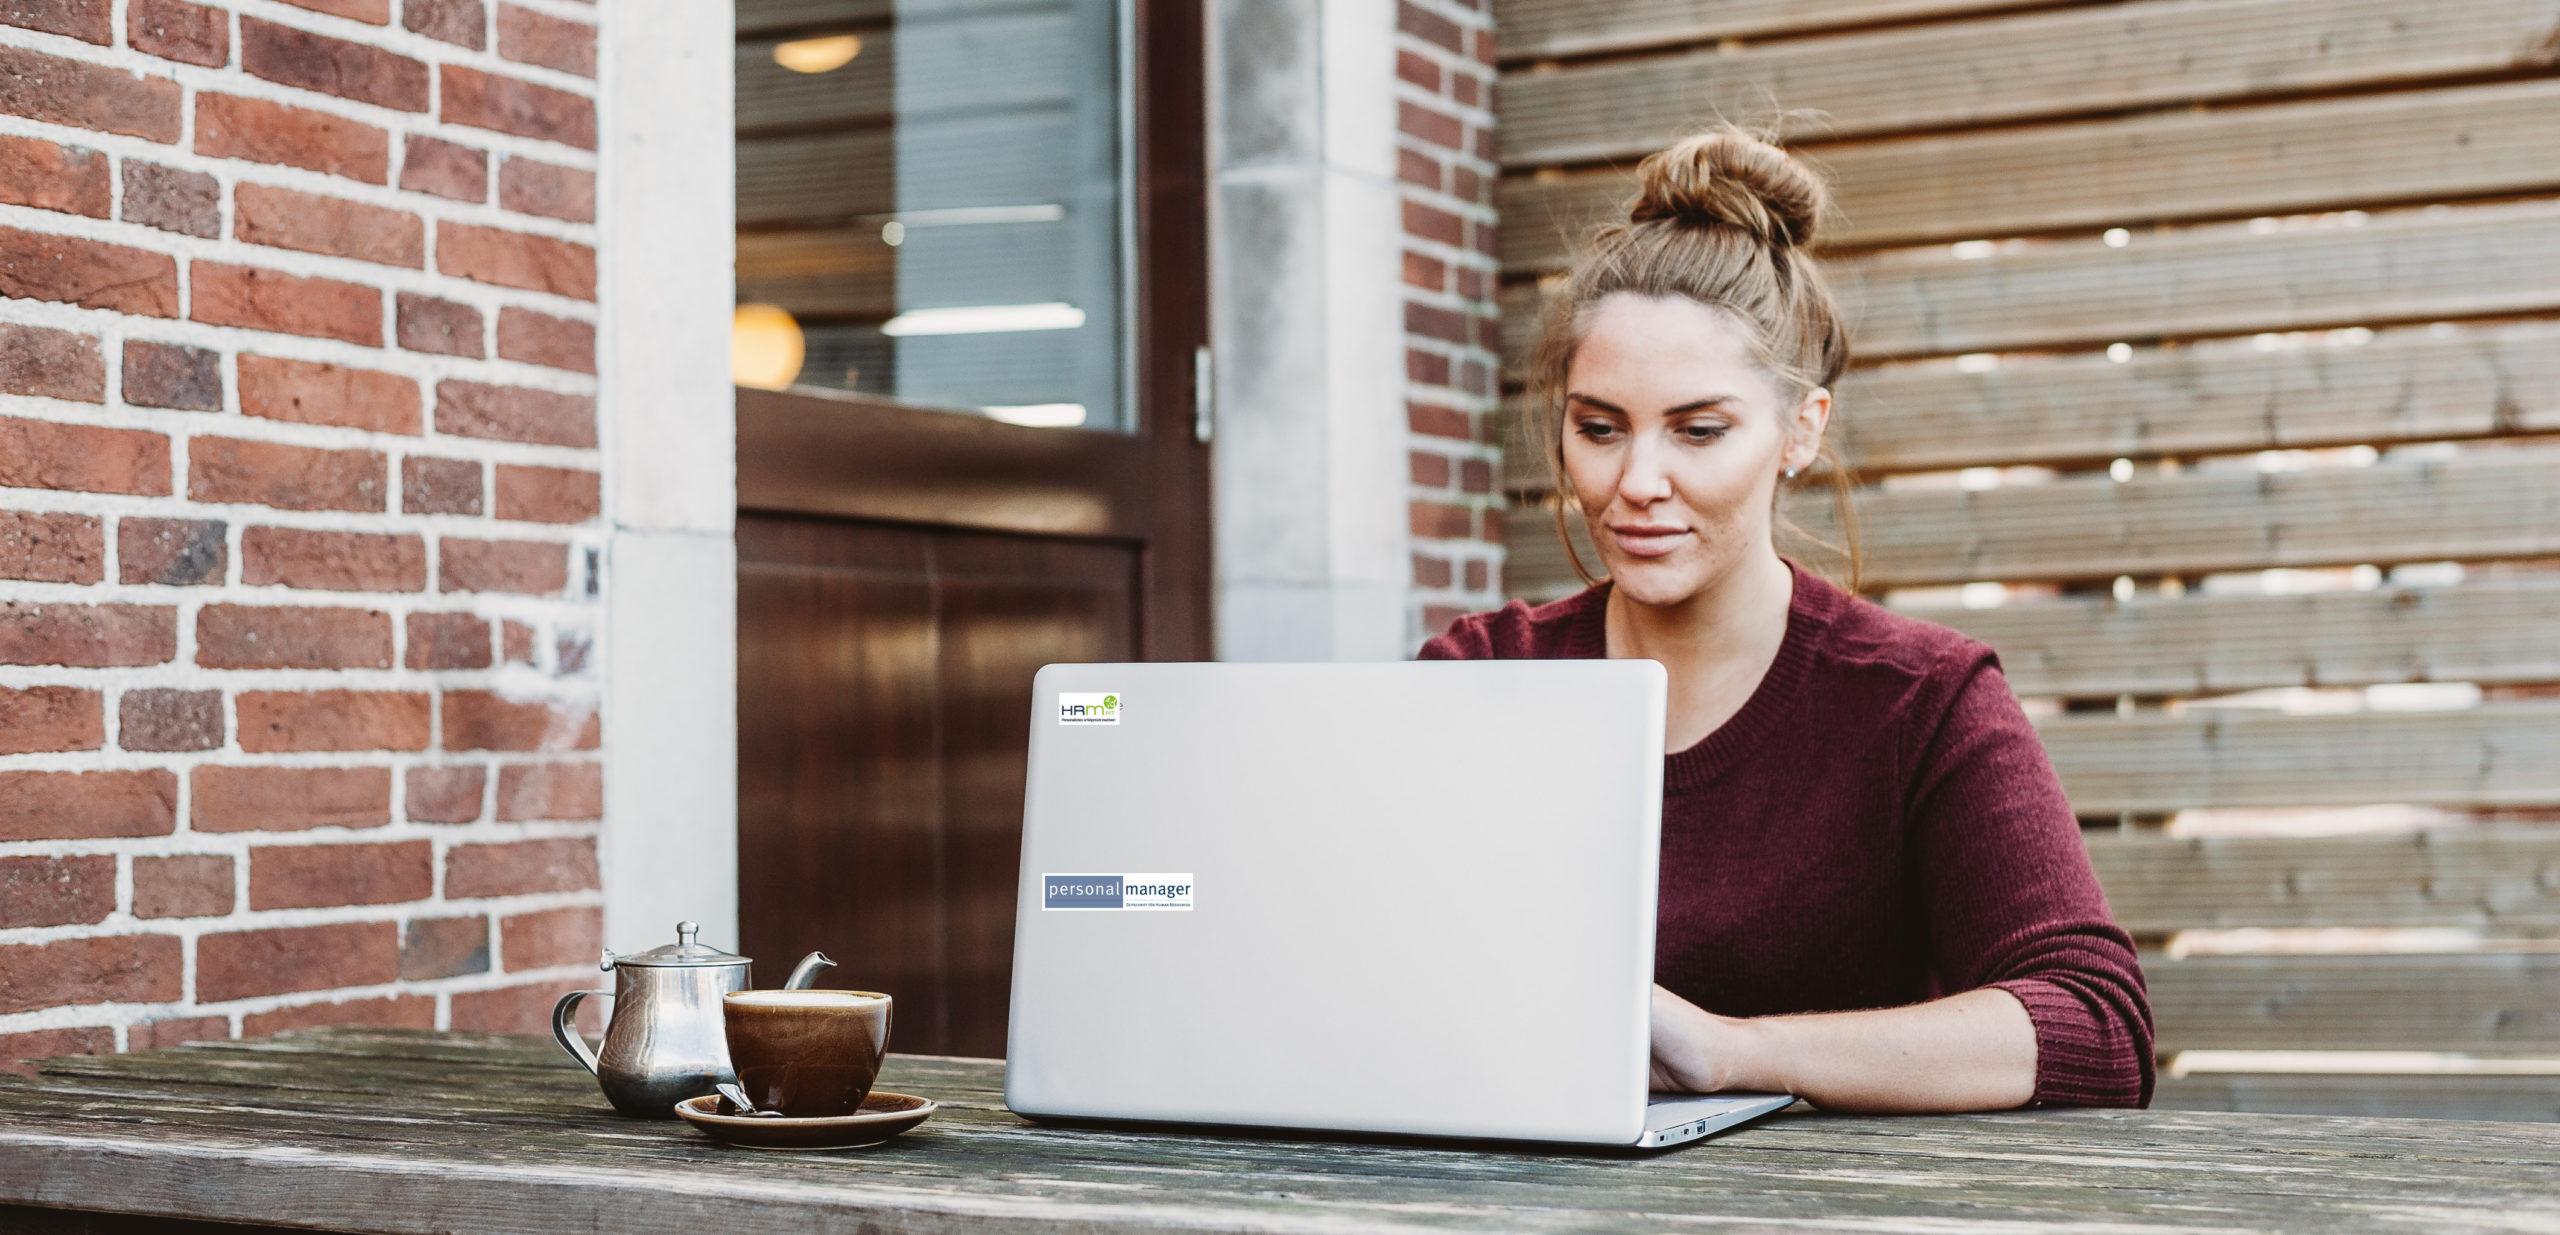 Bild zum Beitrag von Anita Berger, Digitale Meetings effektiv und effizient gestalten